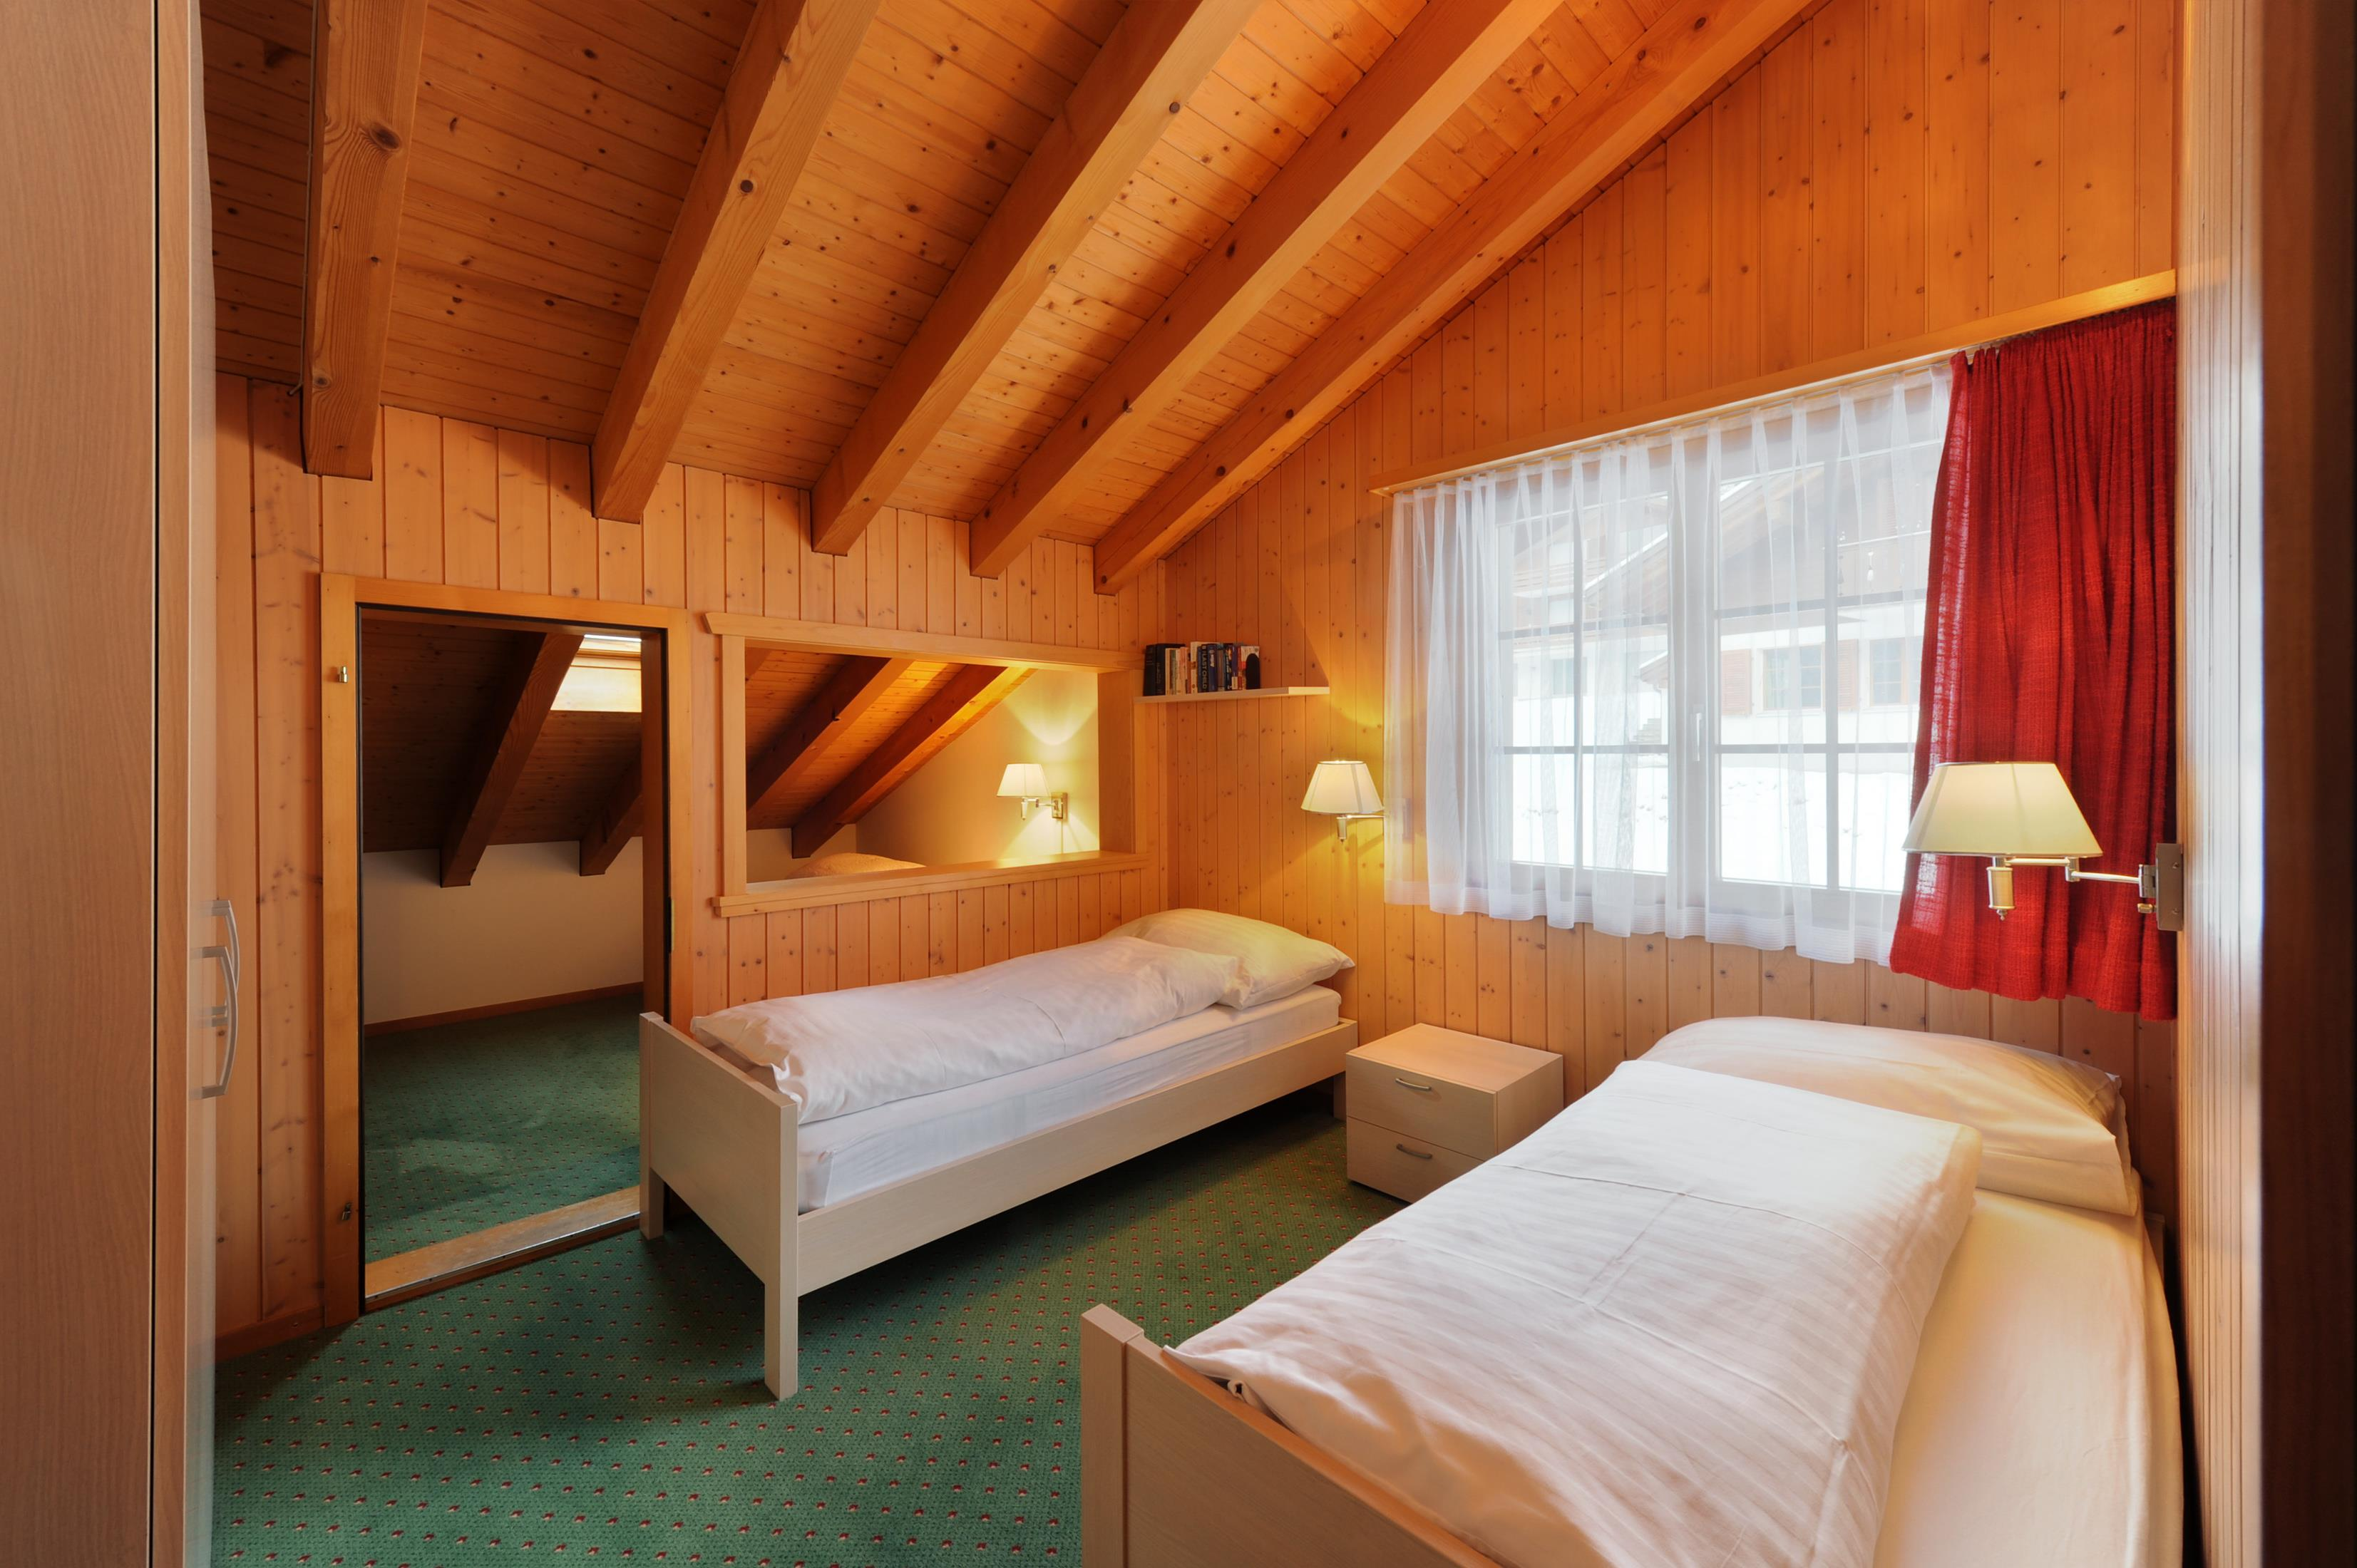 Appartement de vacances Furggenhorn App. 573 4 Bett Wohnung Obj. 4068 (2692219), Grindelwald, Région de la Jungfrau, Oberland bernois, Suisse, image 8